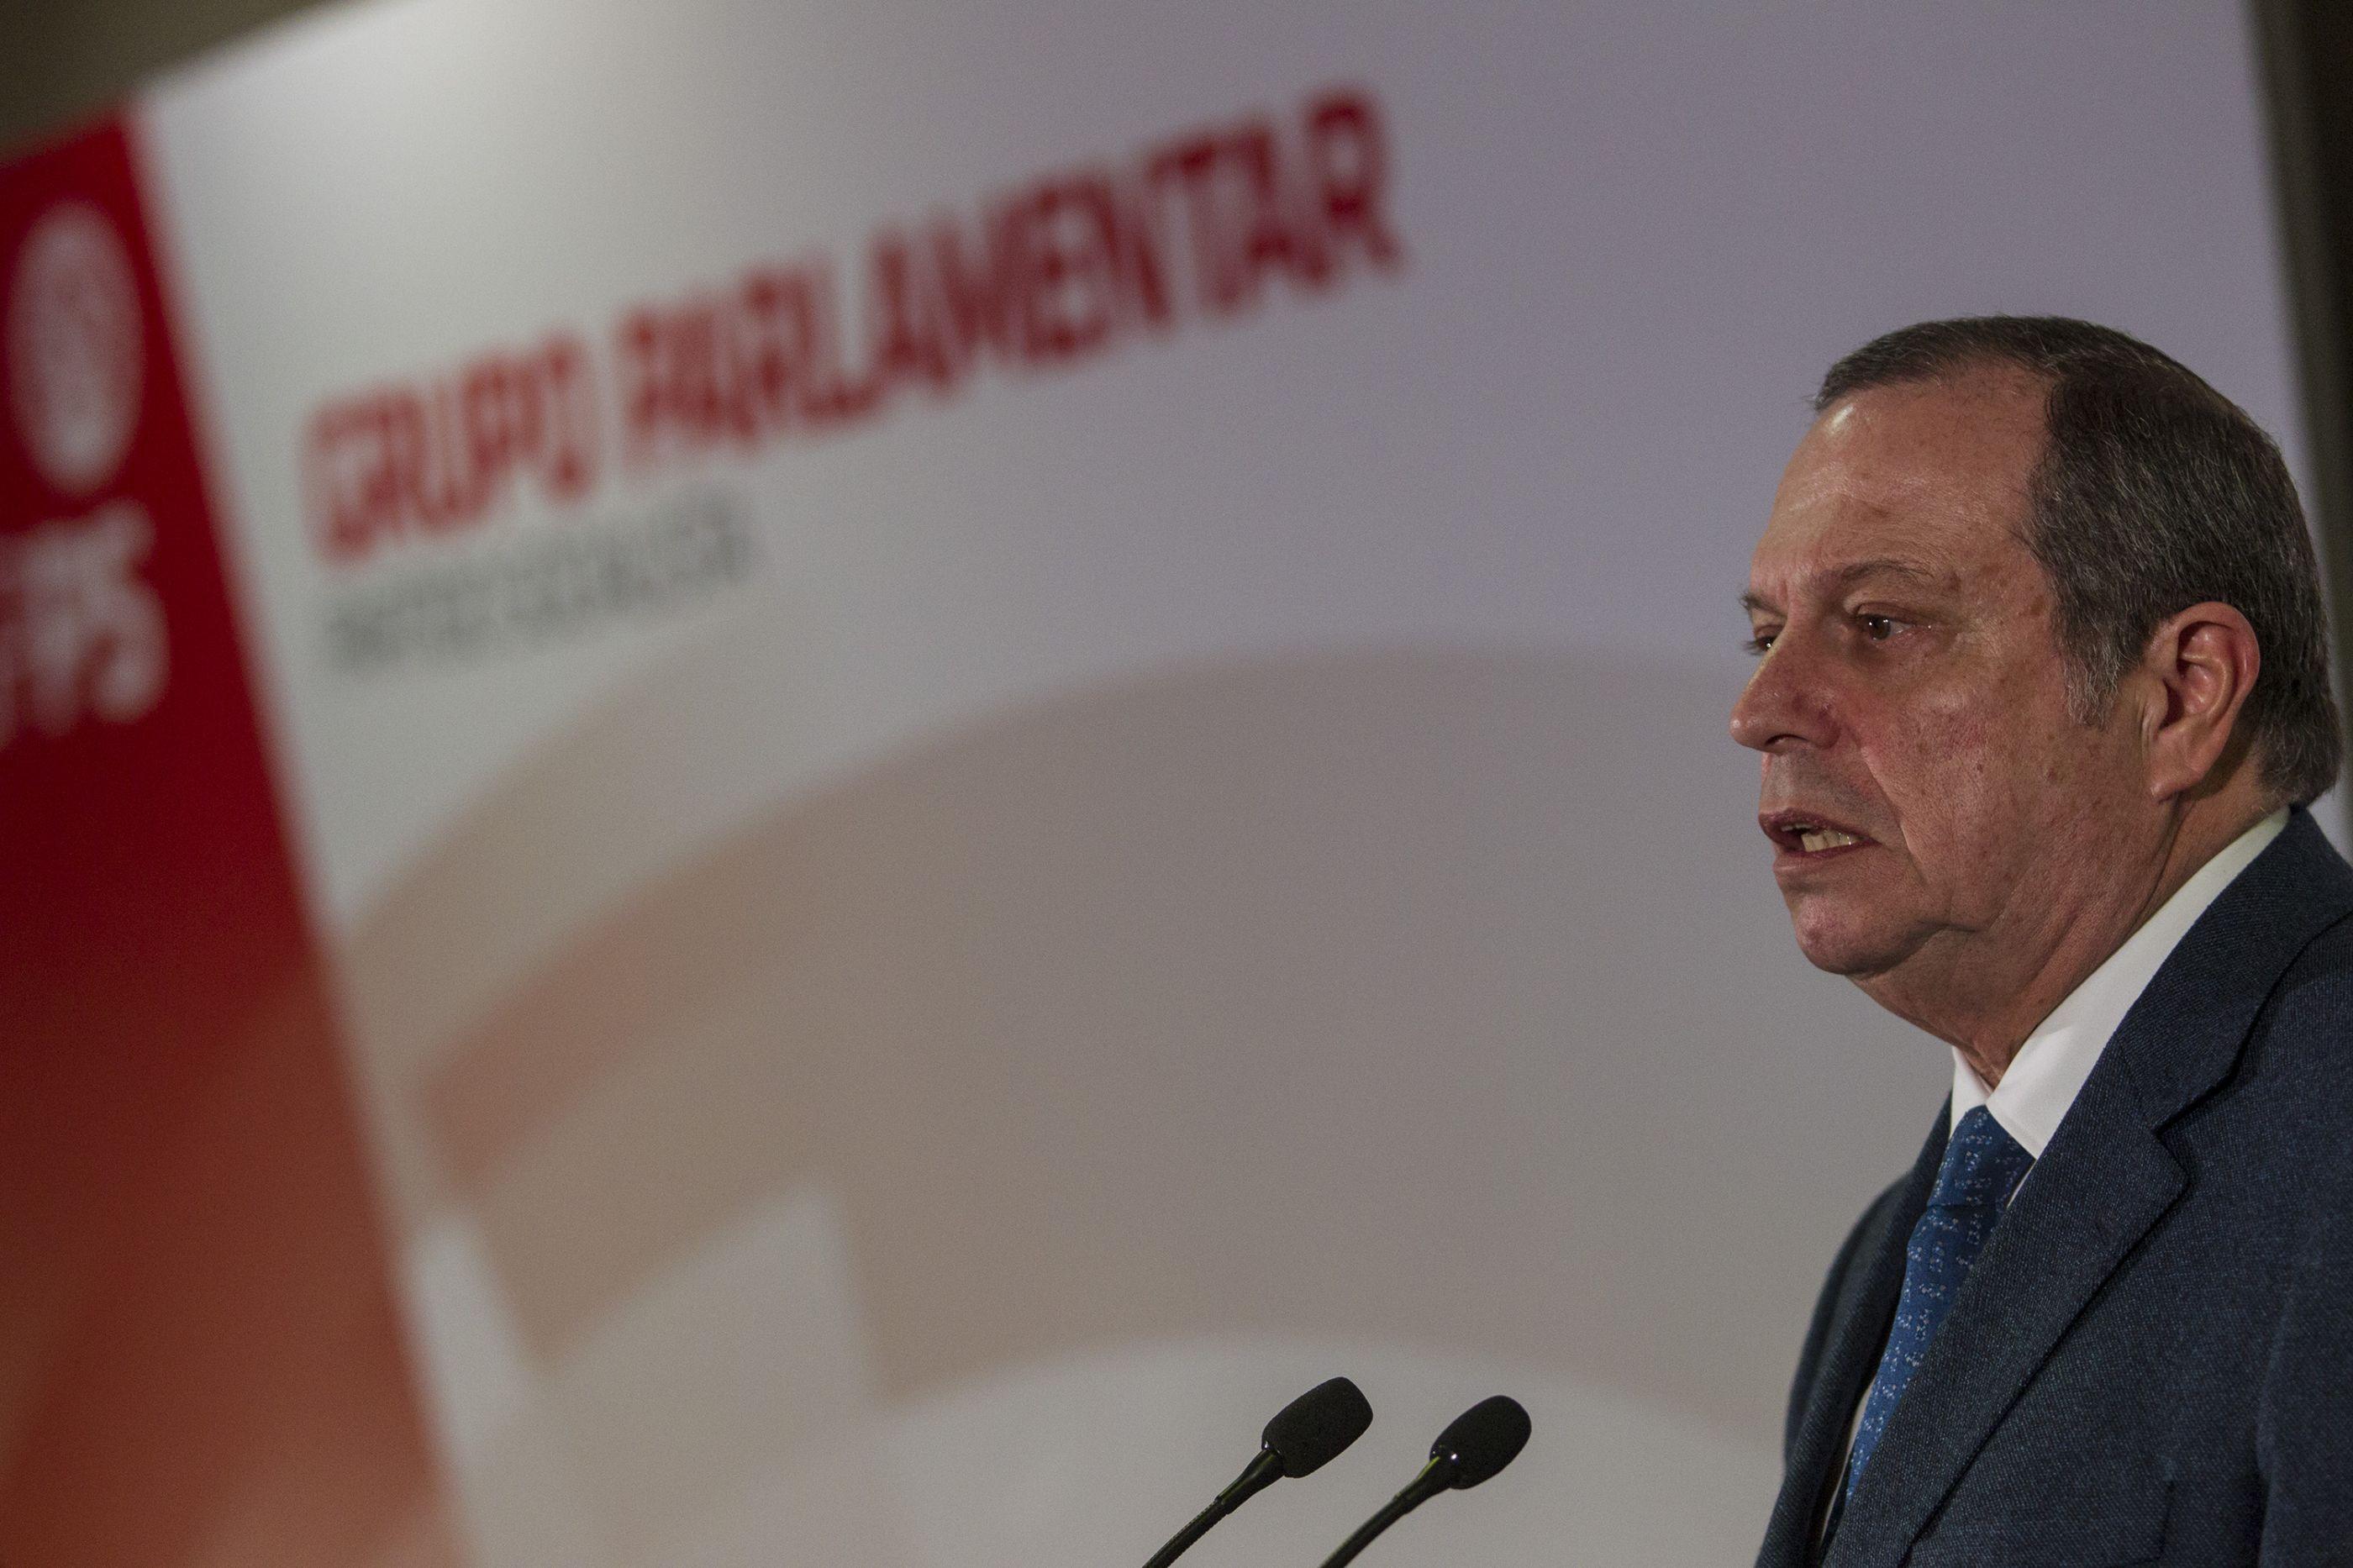 PS avança com proposta para reduzir o IVA da tauromaquia para 6%